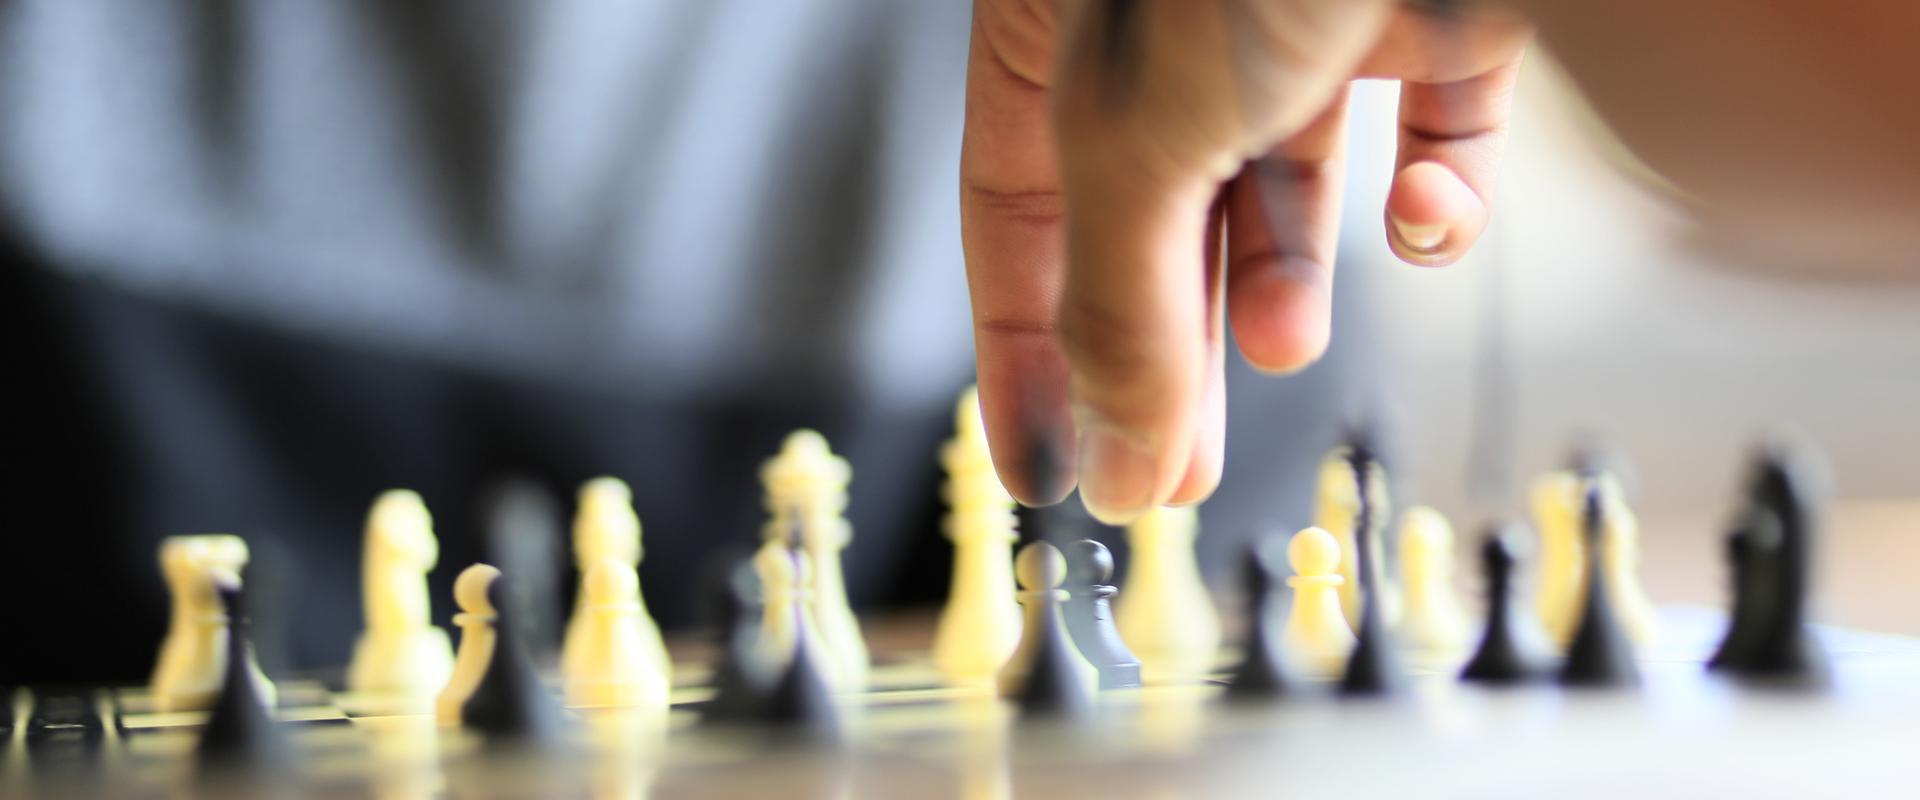 Schachspiel im MEDIAN Therapiezentrum Loherhof